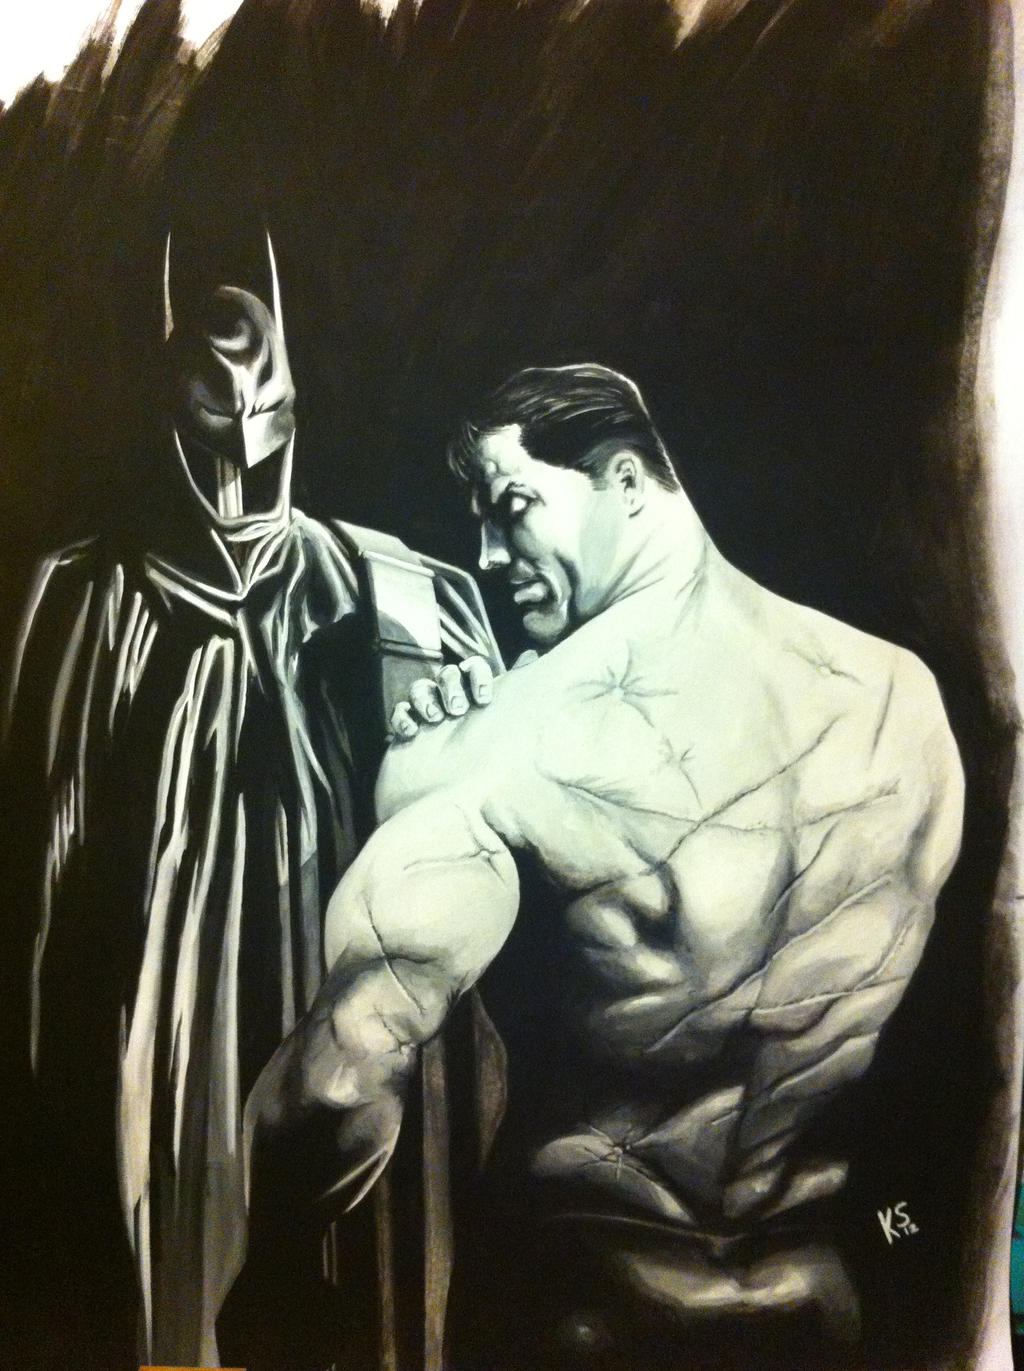 Bruce Wayne scars by Skellyk